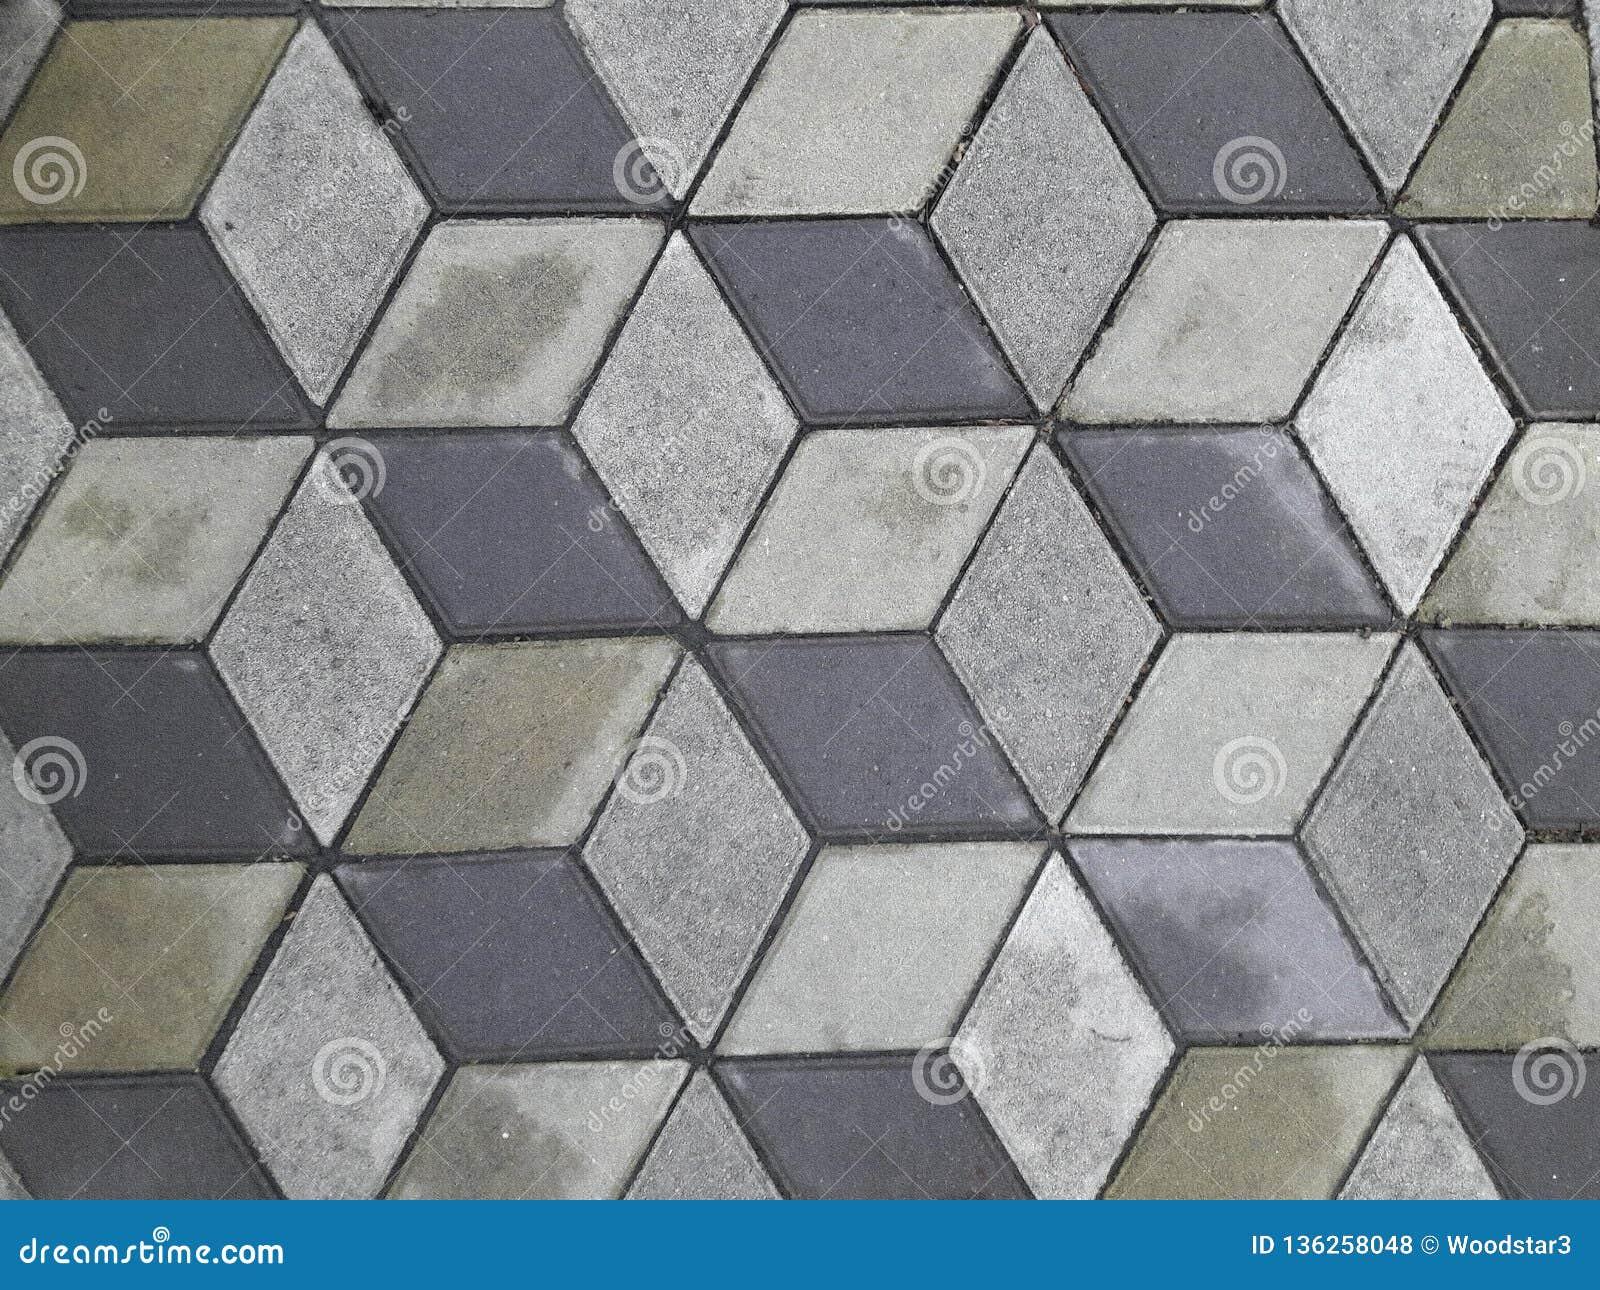 Grått och mörkt - gråa förberedande tjock skiva, efter regnet Texturen och bakgrunden av stenen